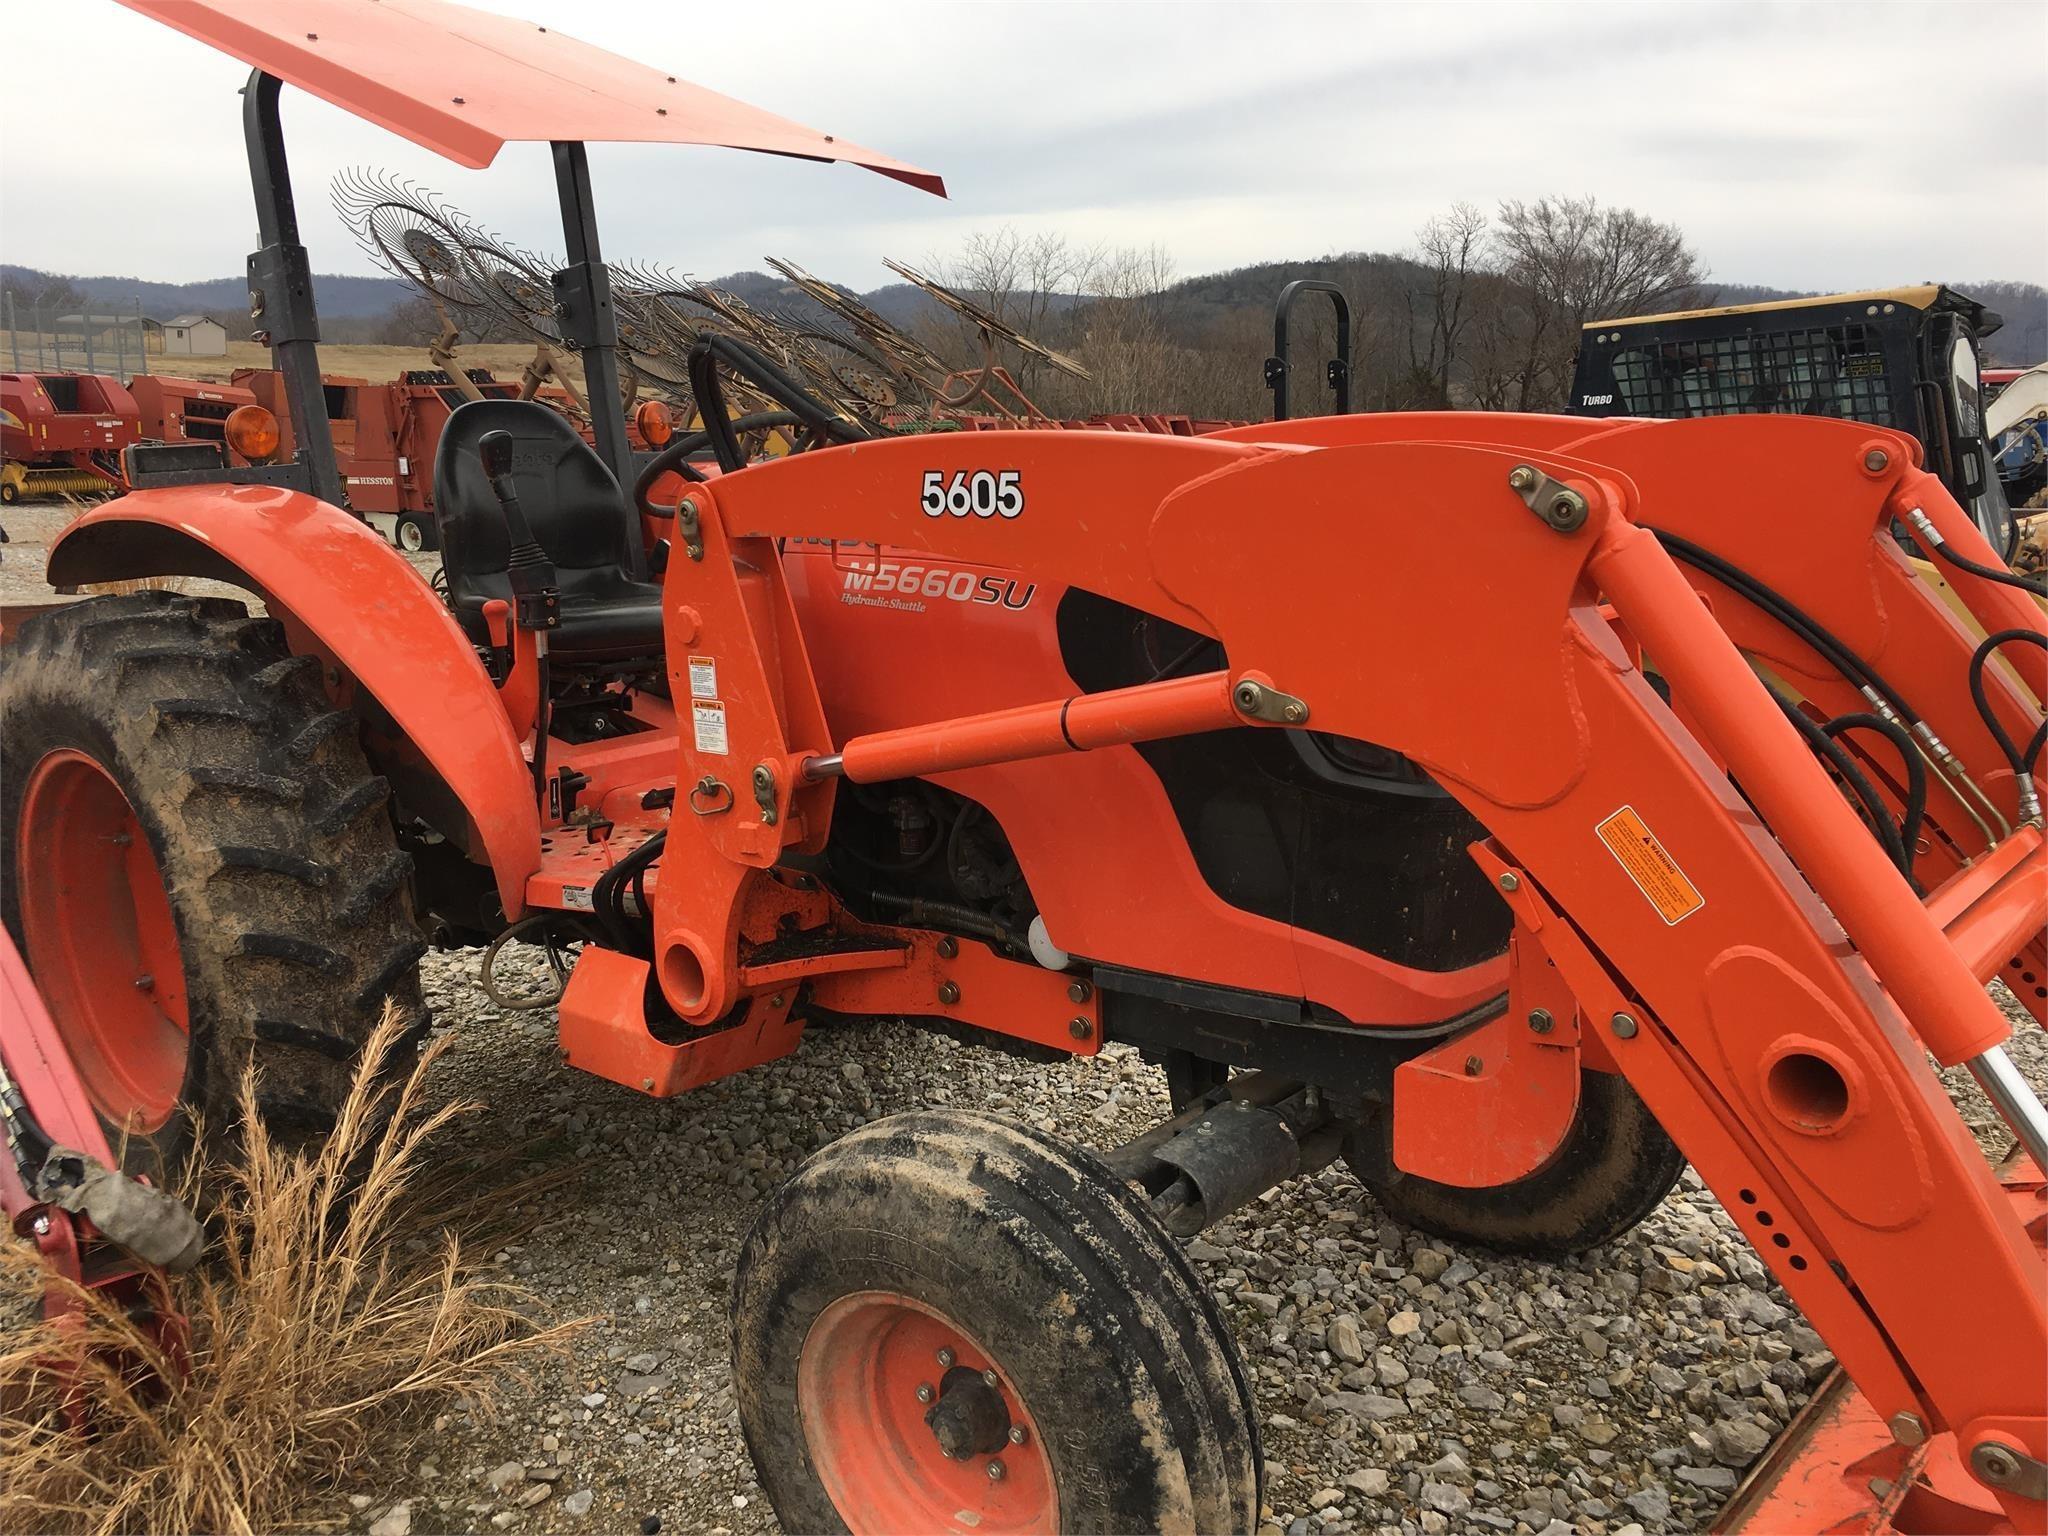 2015 Kubota M5660SUH Tractor